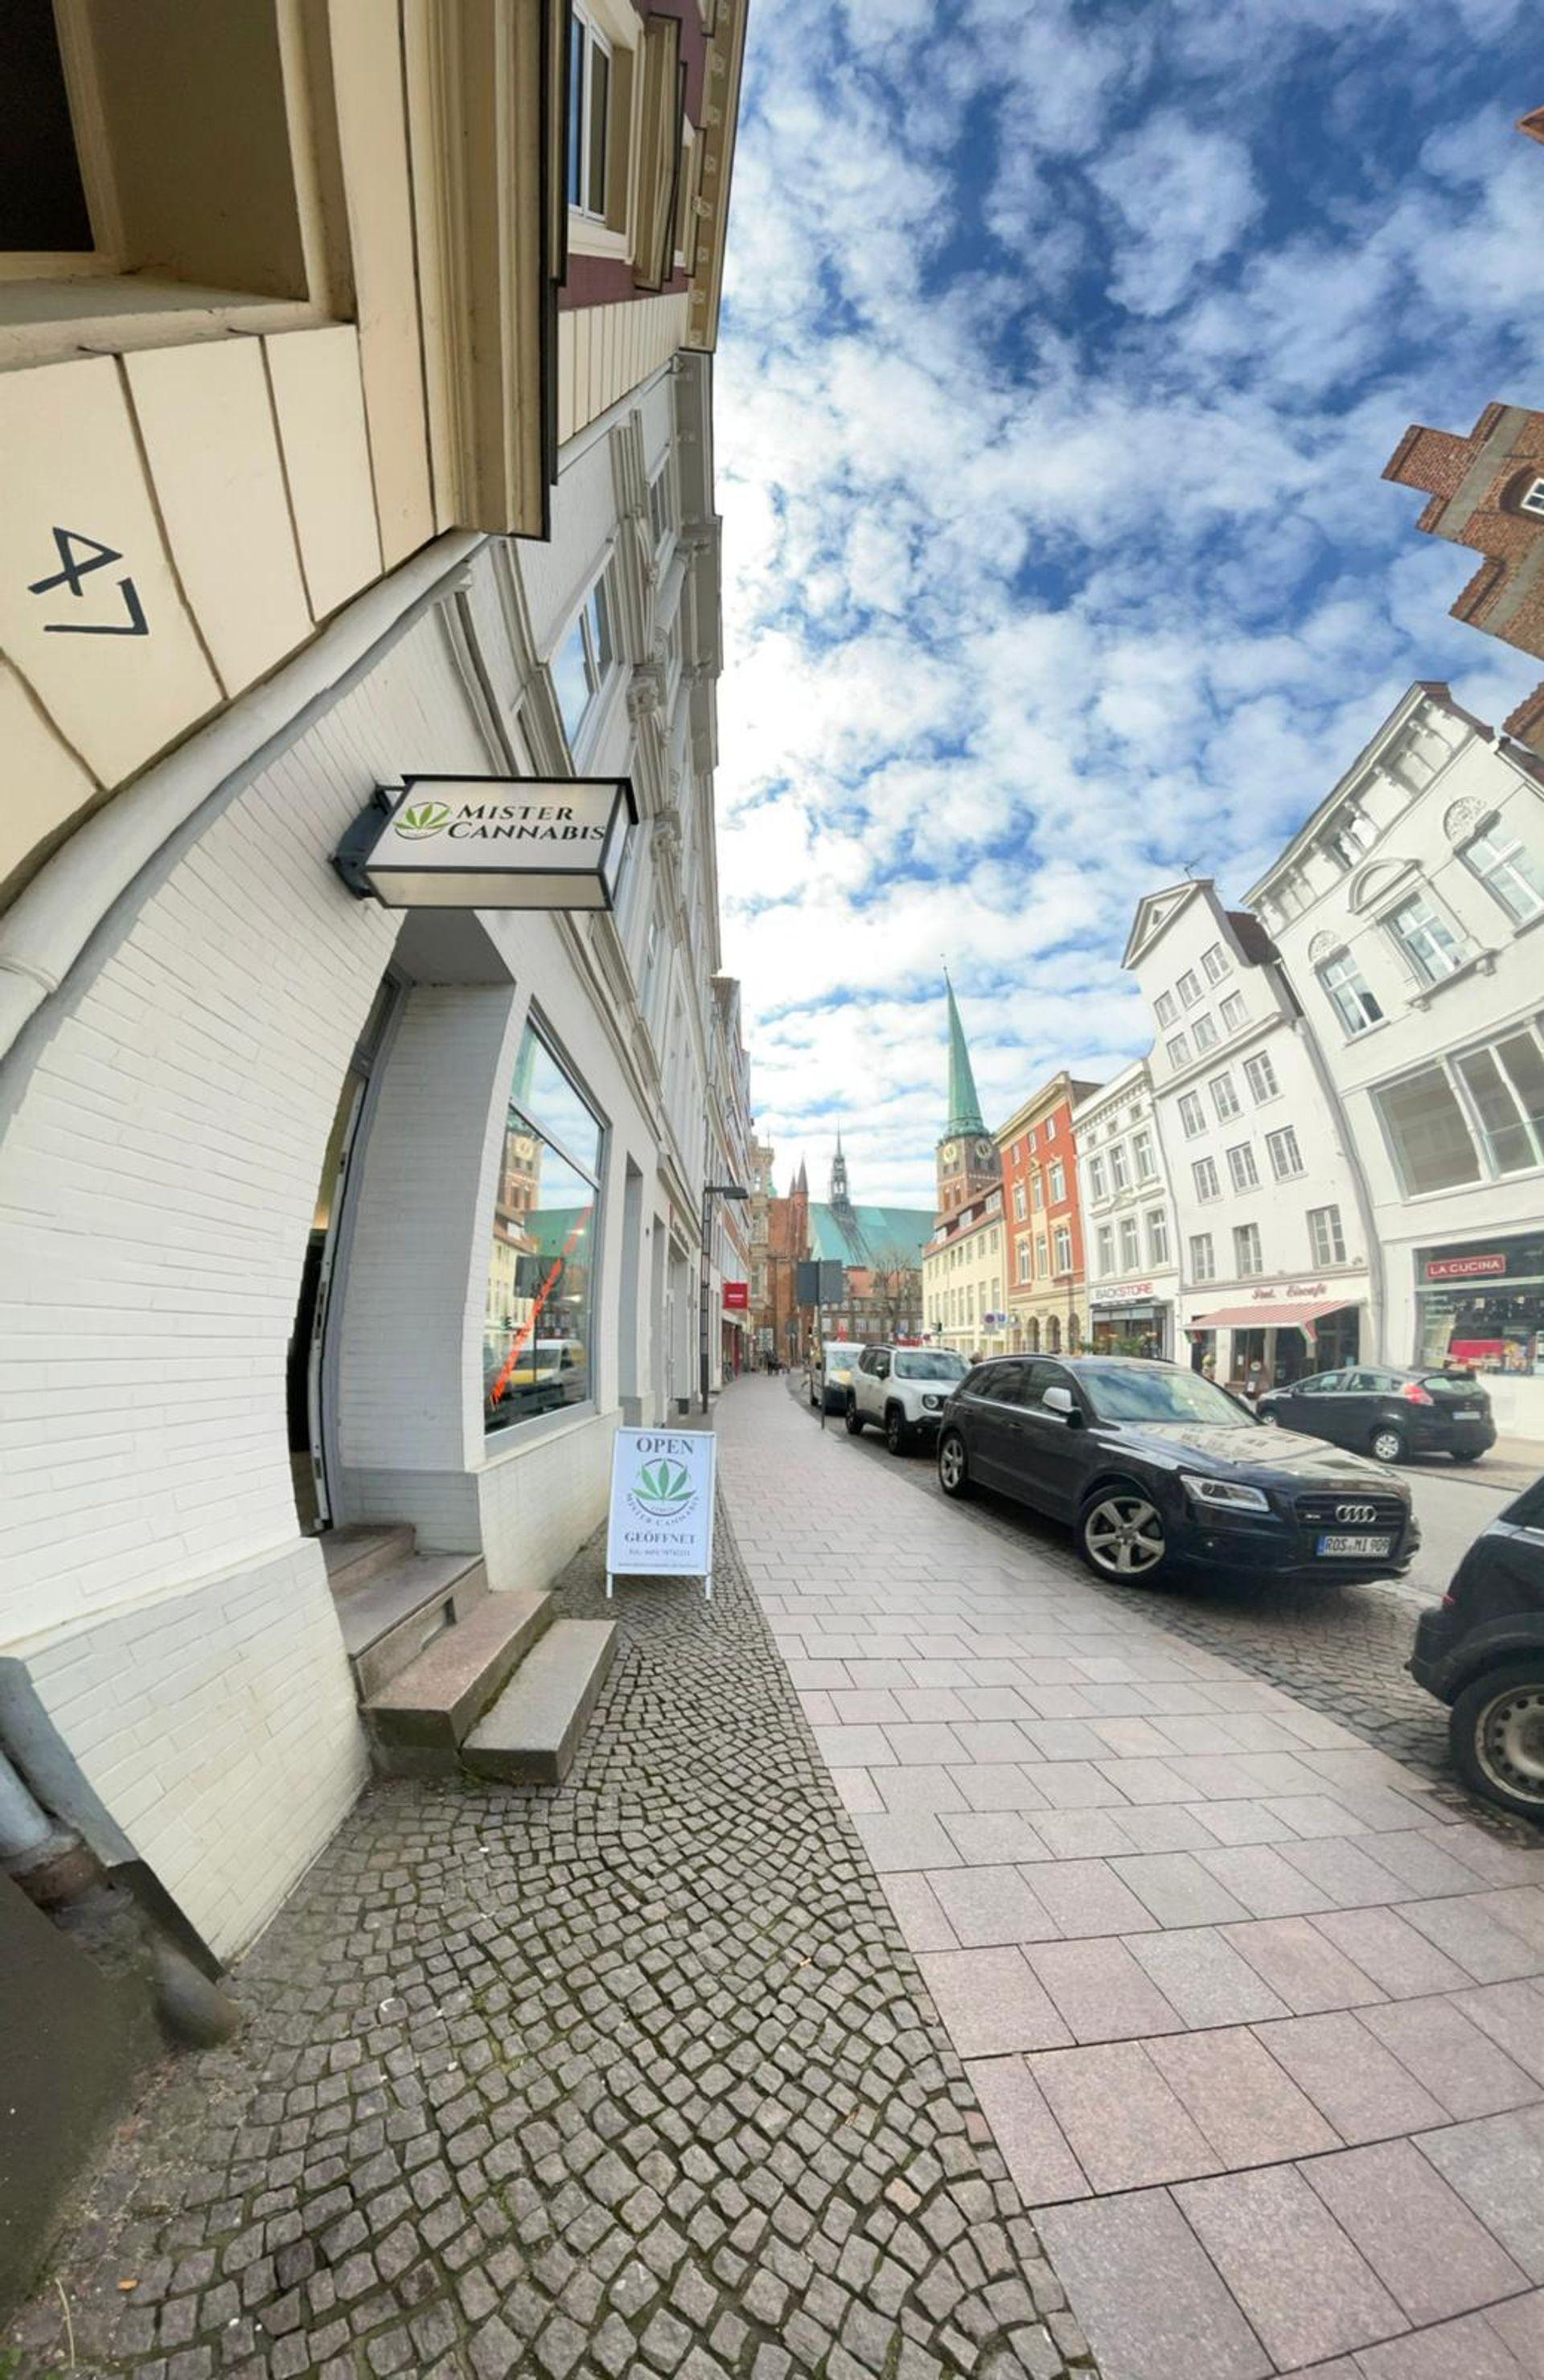 MISTER CANNABIS: CBD-Store-Eröffnungen in Soest und Lübeck am 10. April 2021